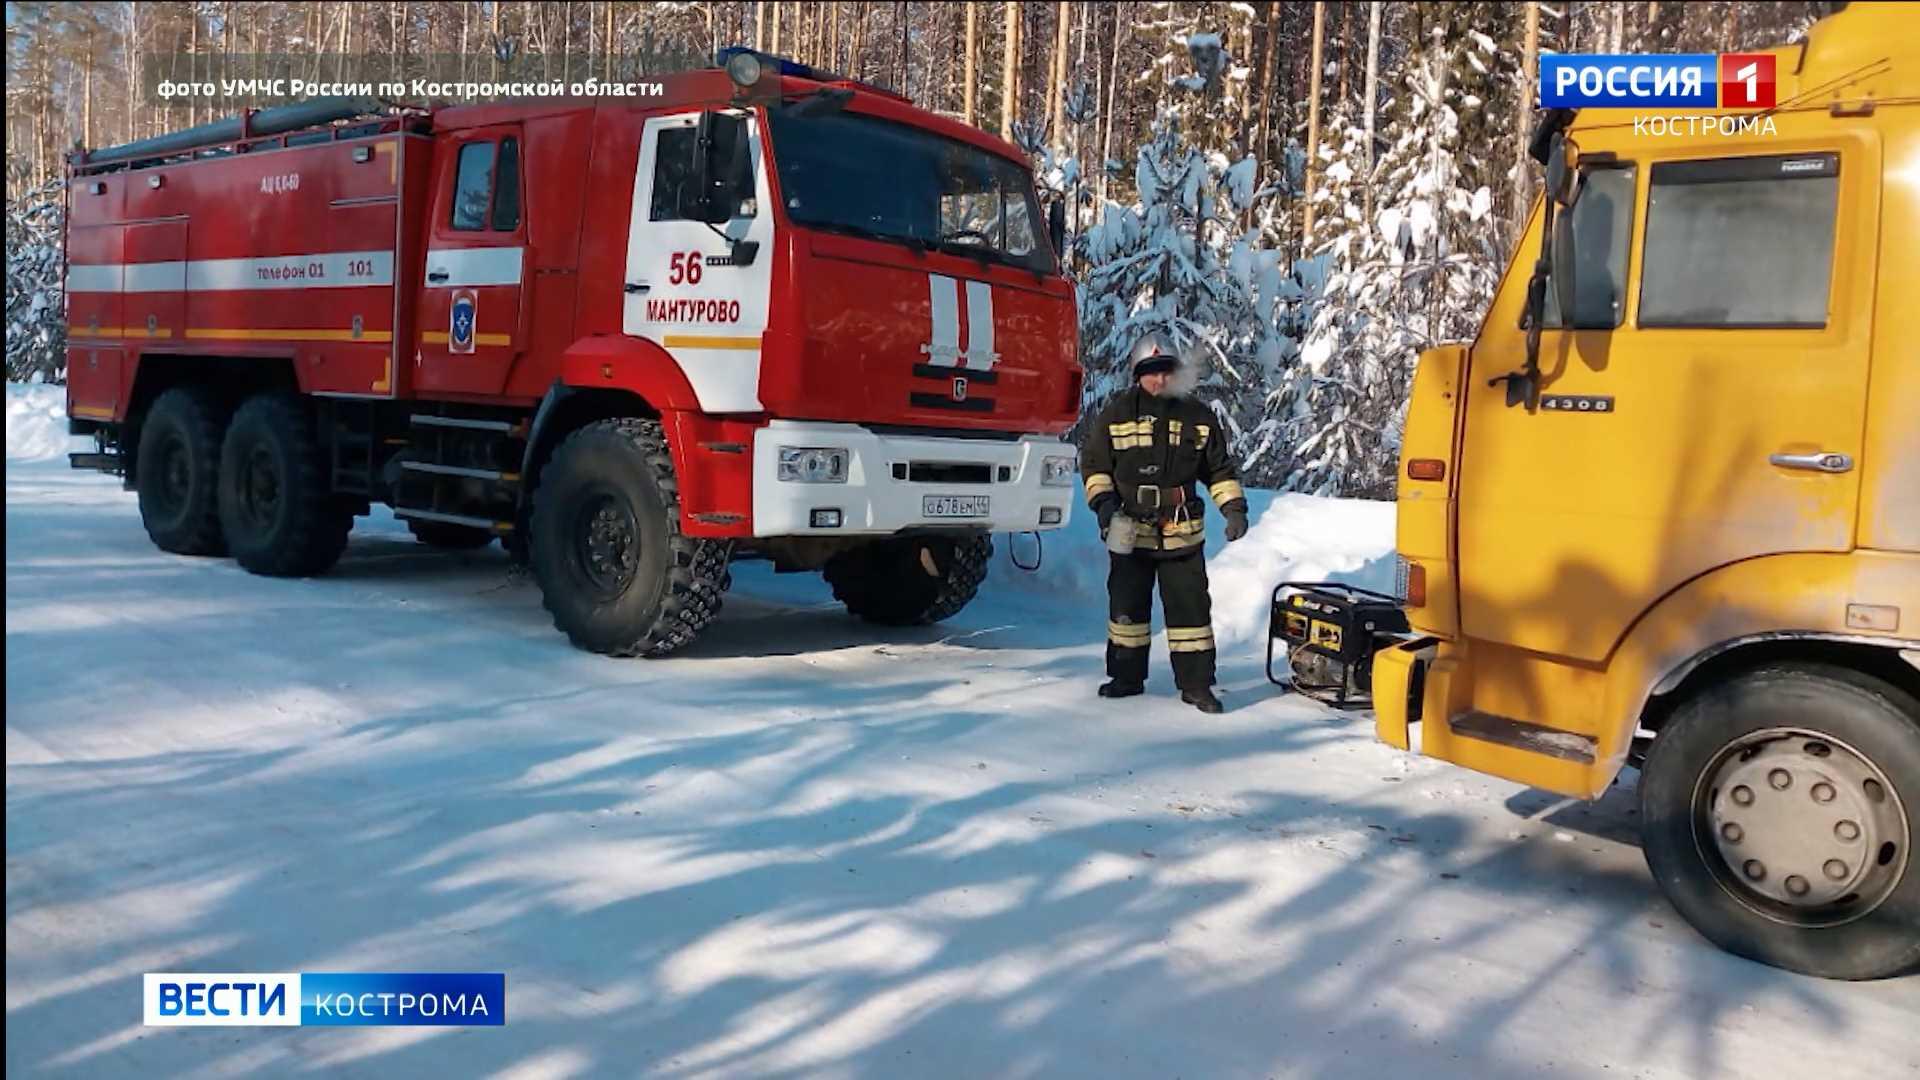 Испытание холодом в Костромской области выдержали не все